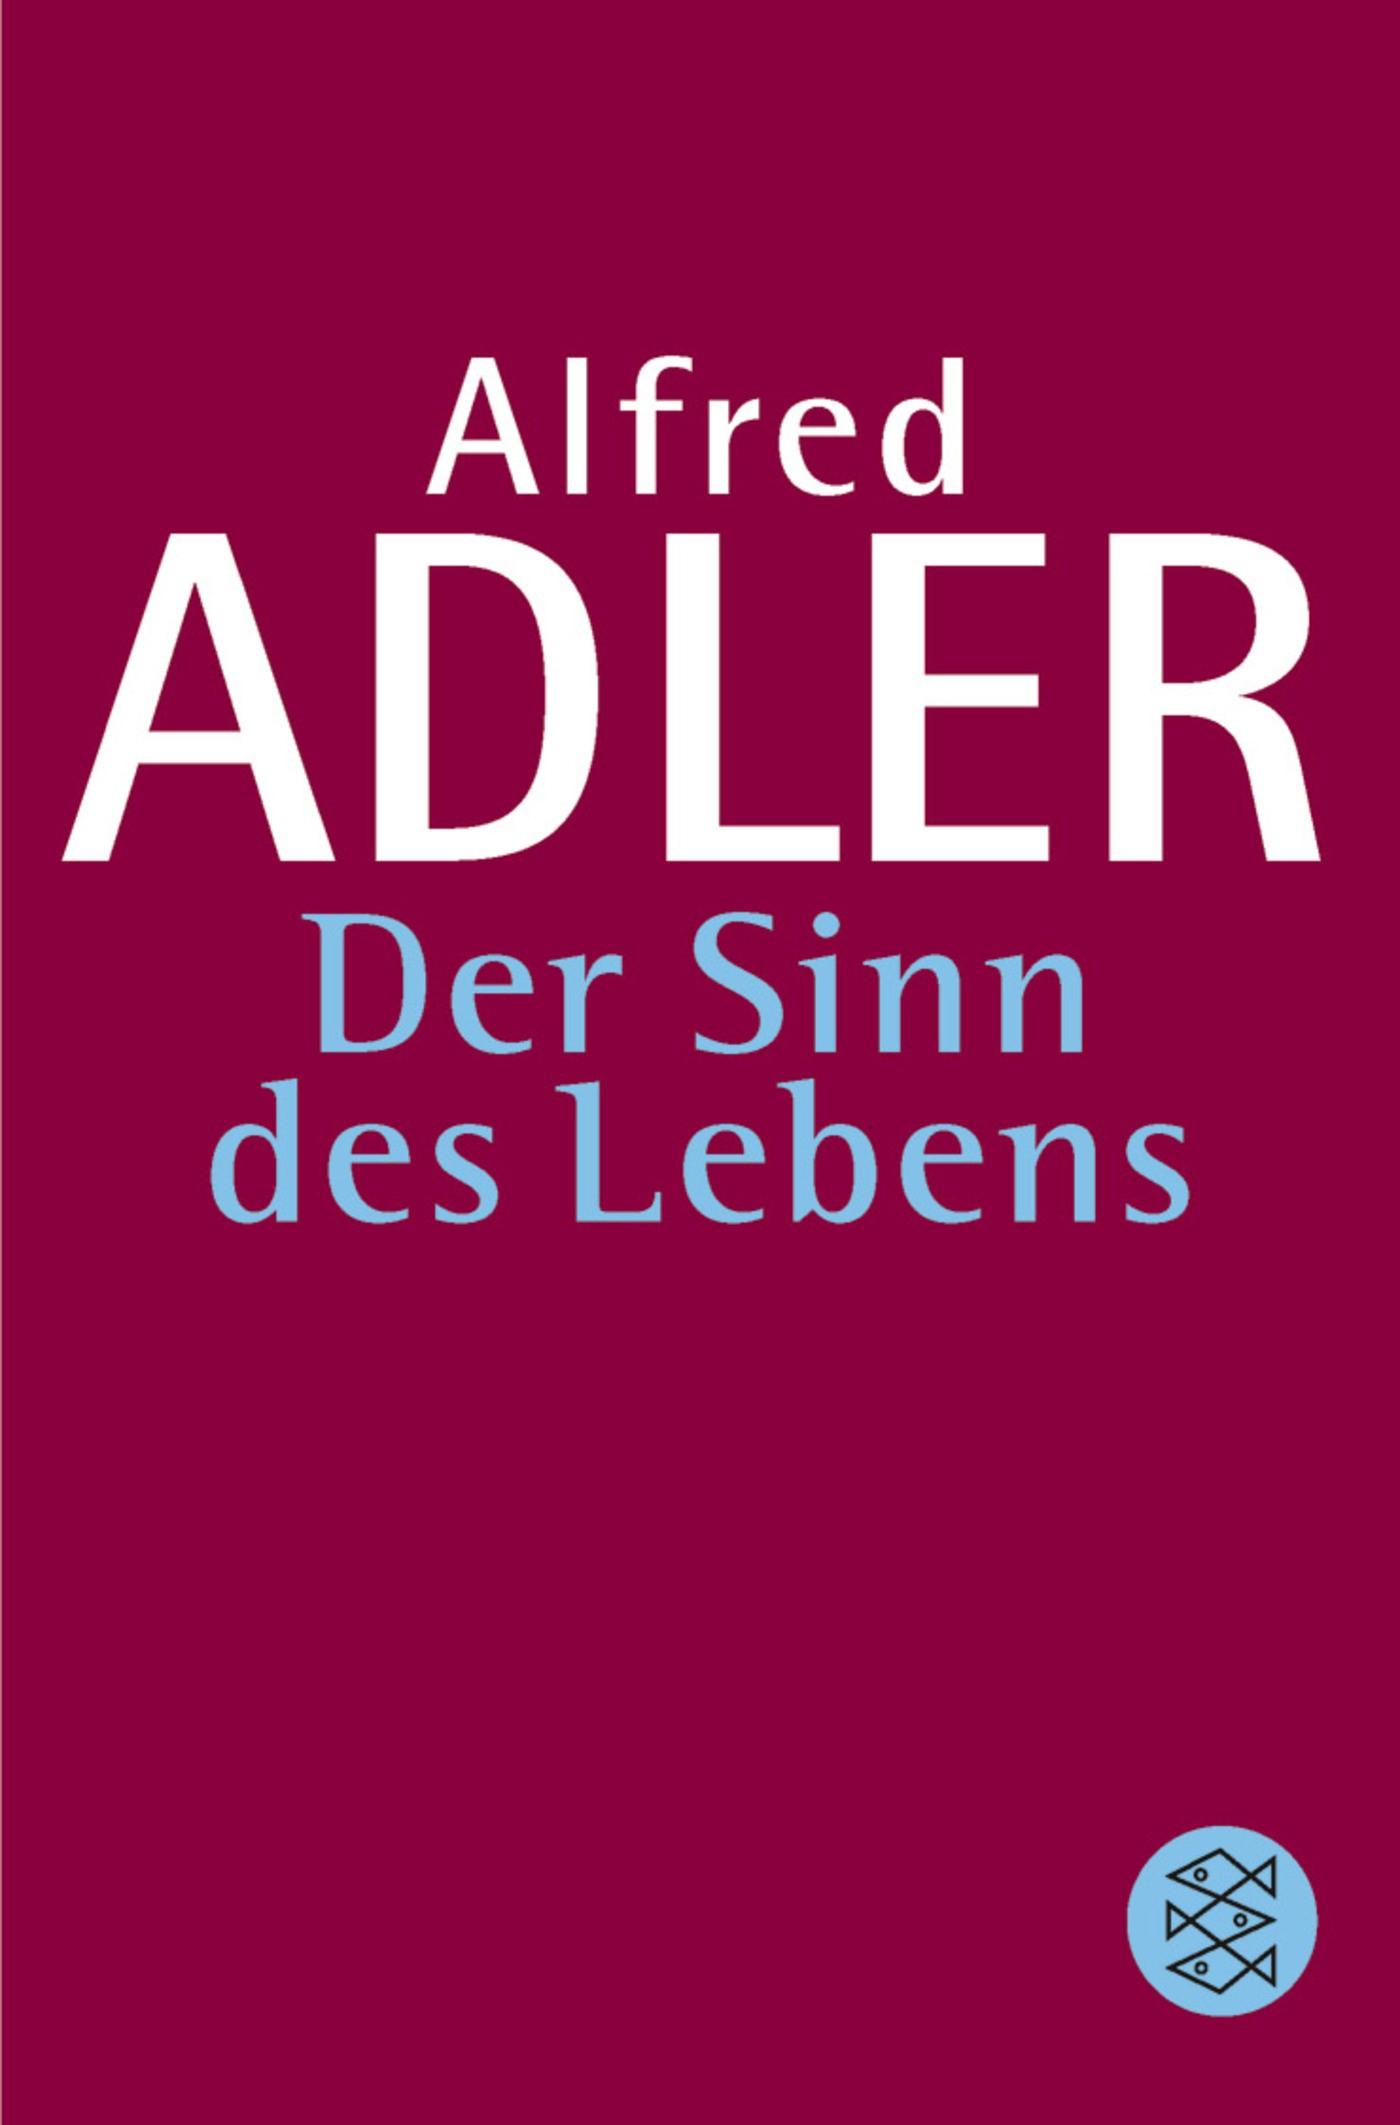 Der Sinn des Lebens | Adler, 2010 | Buch (Cover)